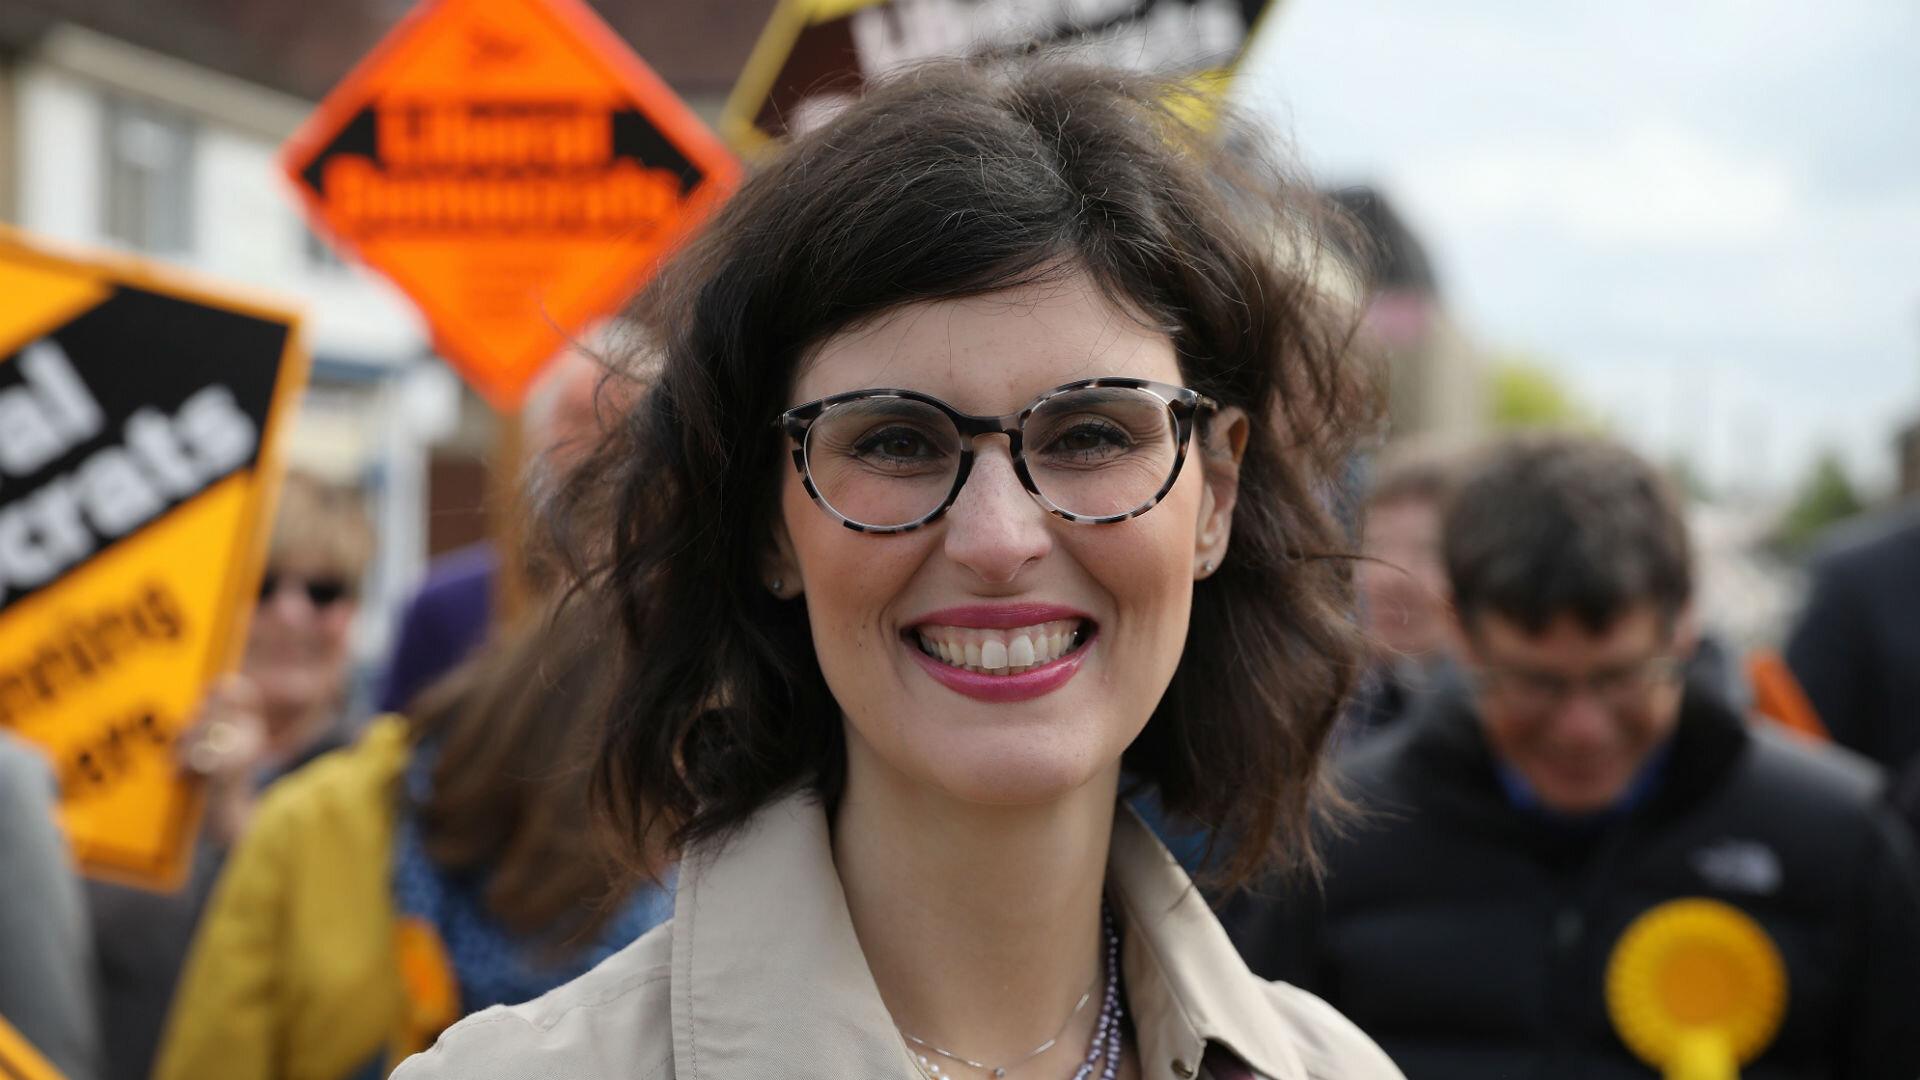 Лейла Моран стала першою відкритою пансексуалкою у британському парламенті